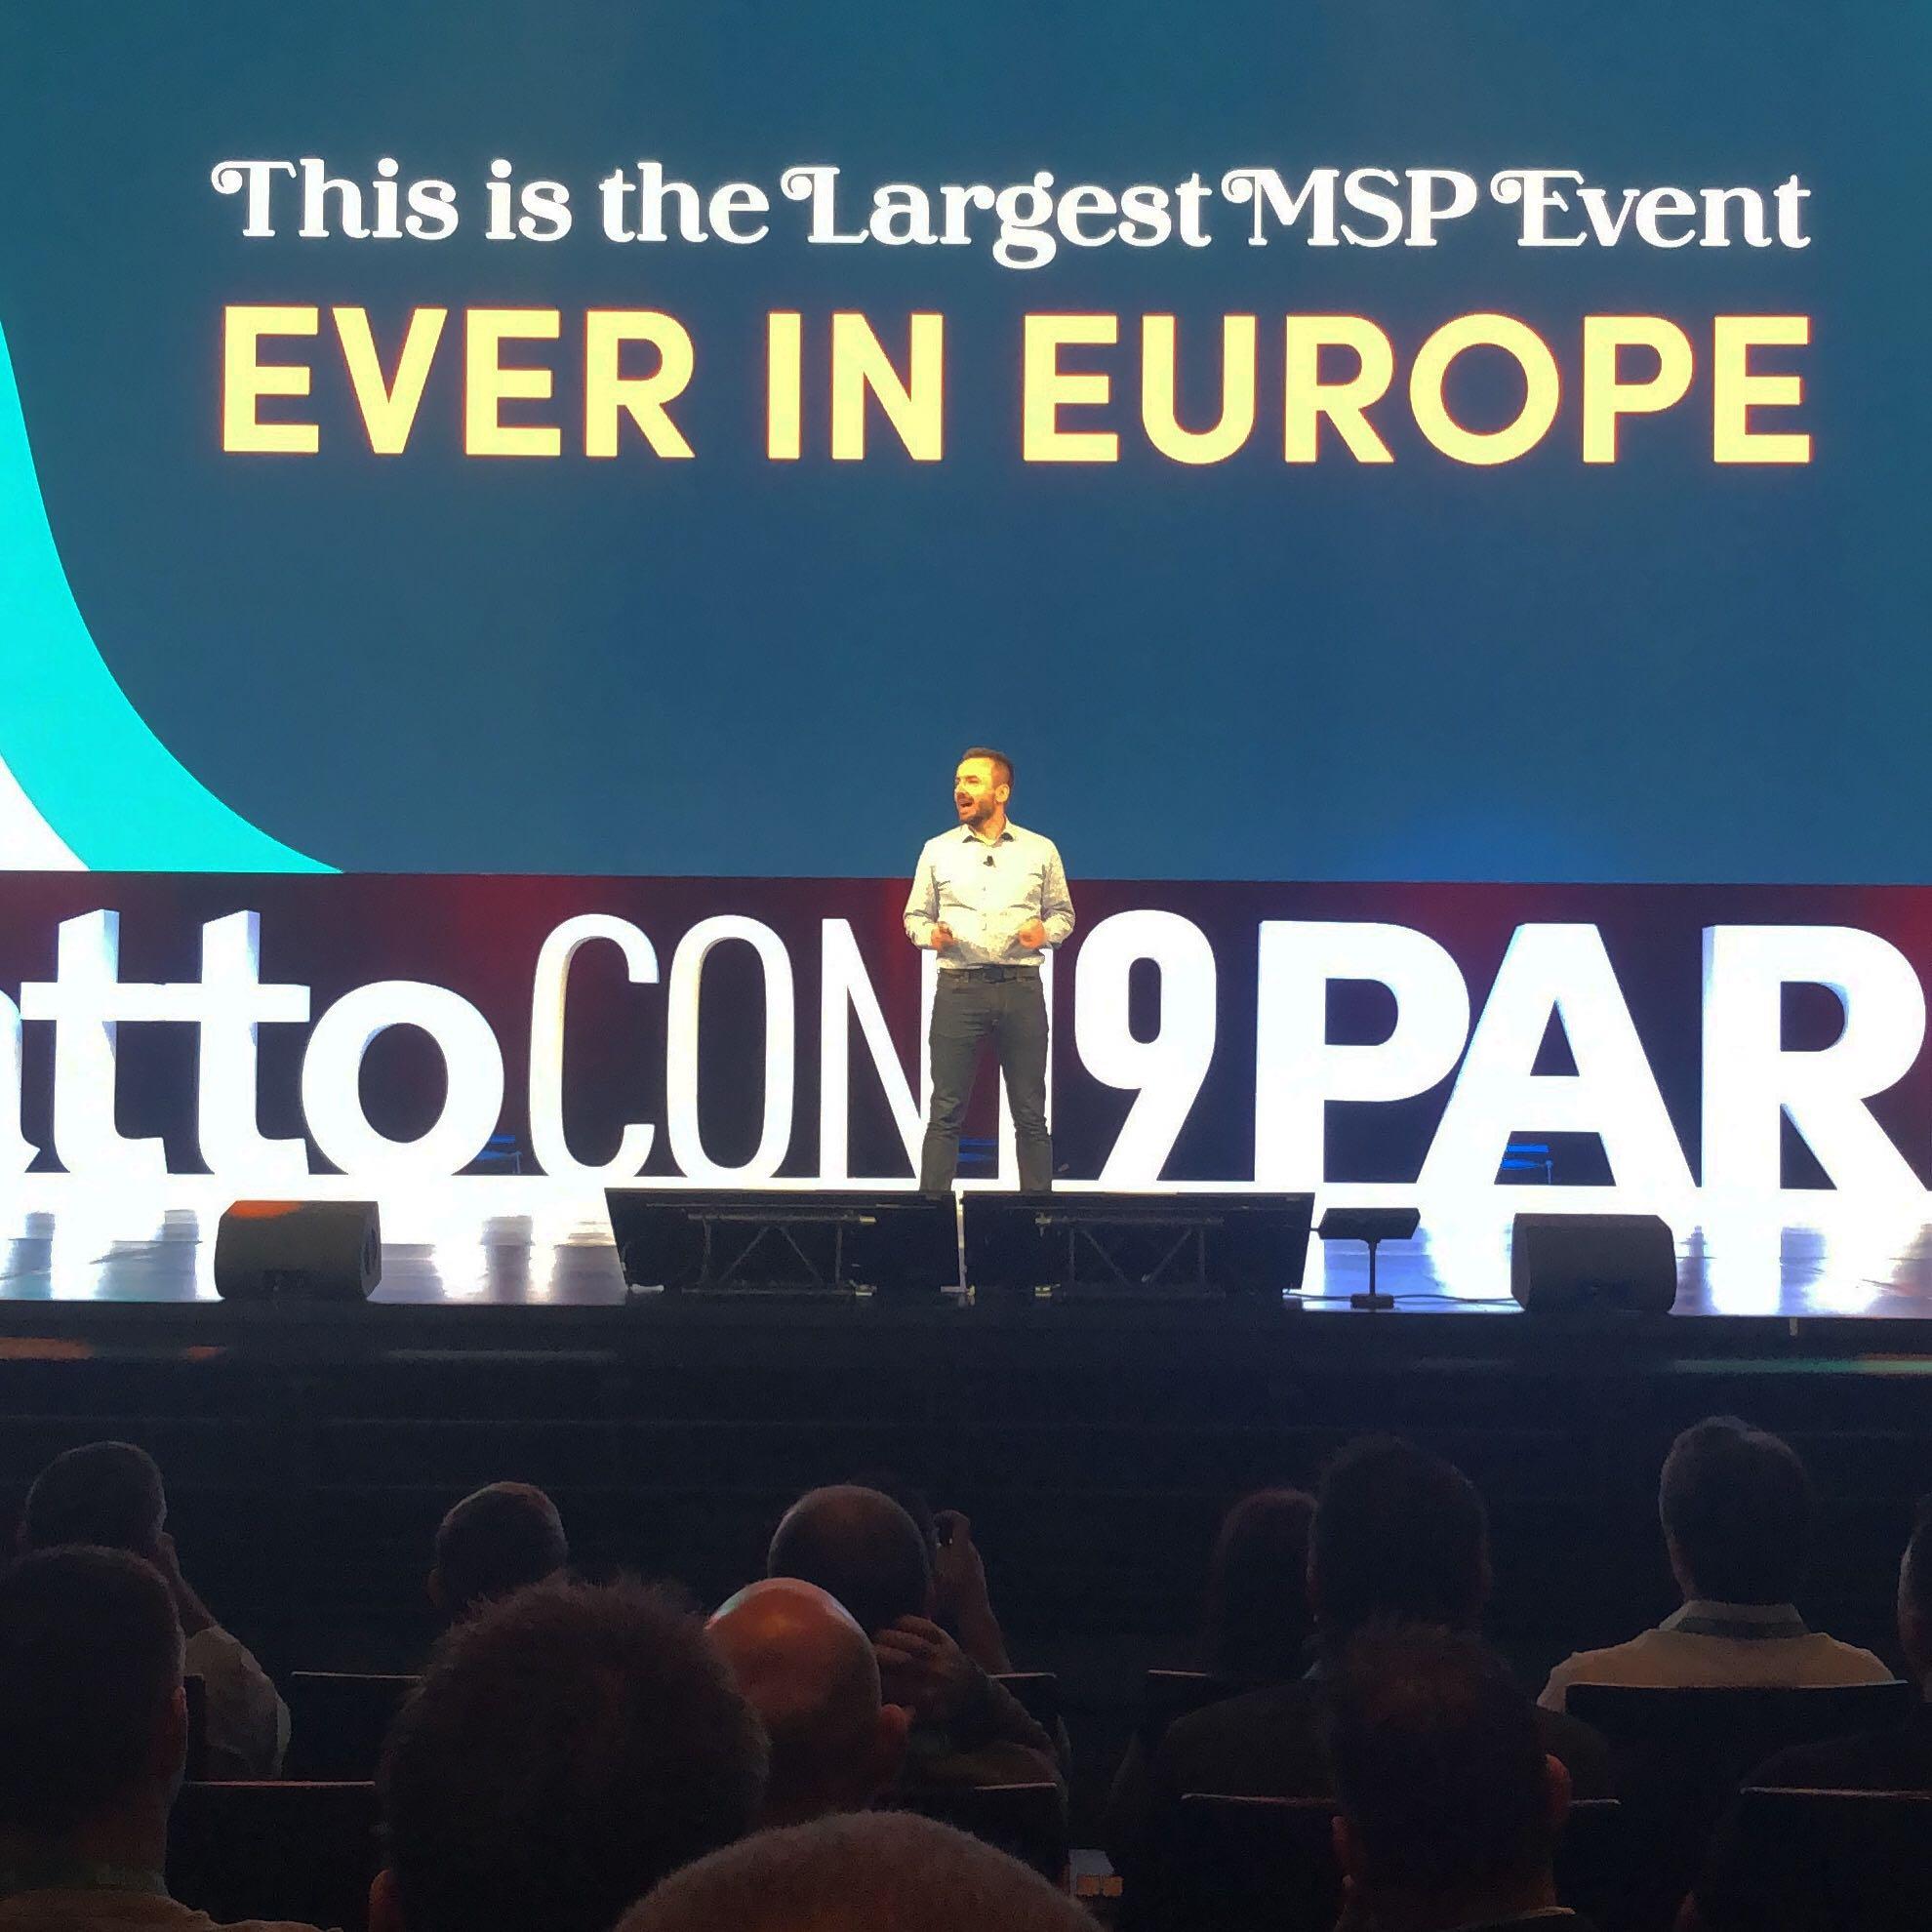 [Communiqué de presse] Datto organise sa plus grande conférence européenne à ce jour pour les fournisseurs de services managés